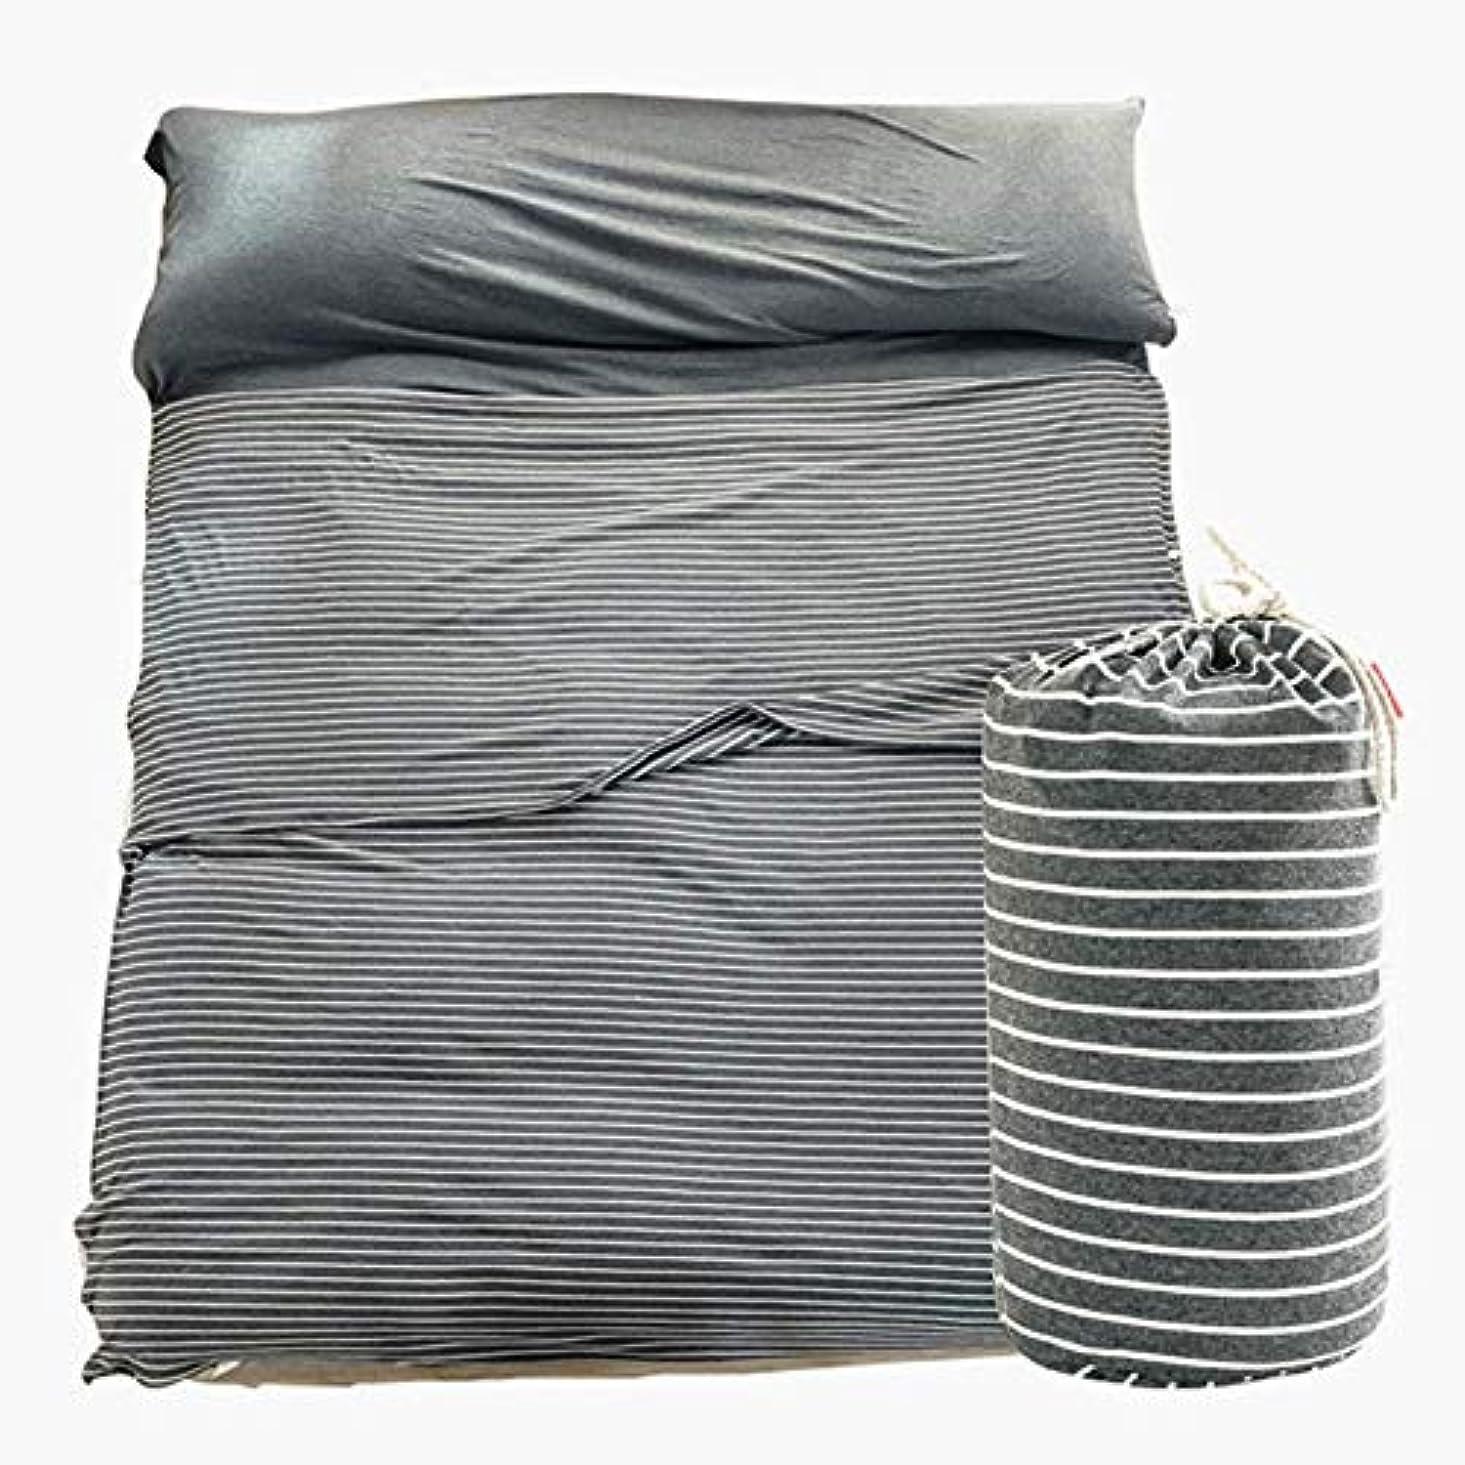 保険をかけるいま多くの危険がある状況折り畳まれた綿寝袋ホテルキャンプ反汚い旅行屋内ポータブル寝袋,1